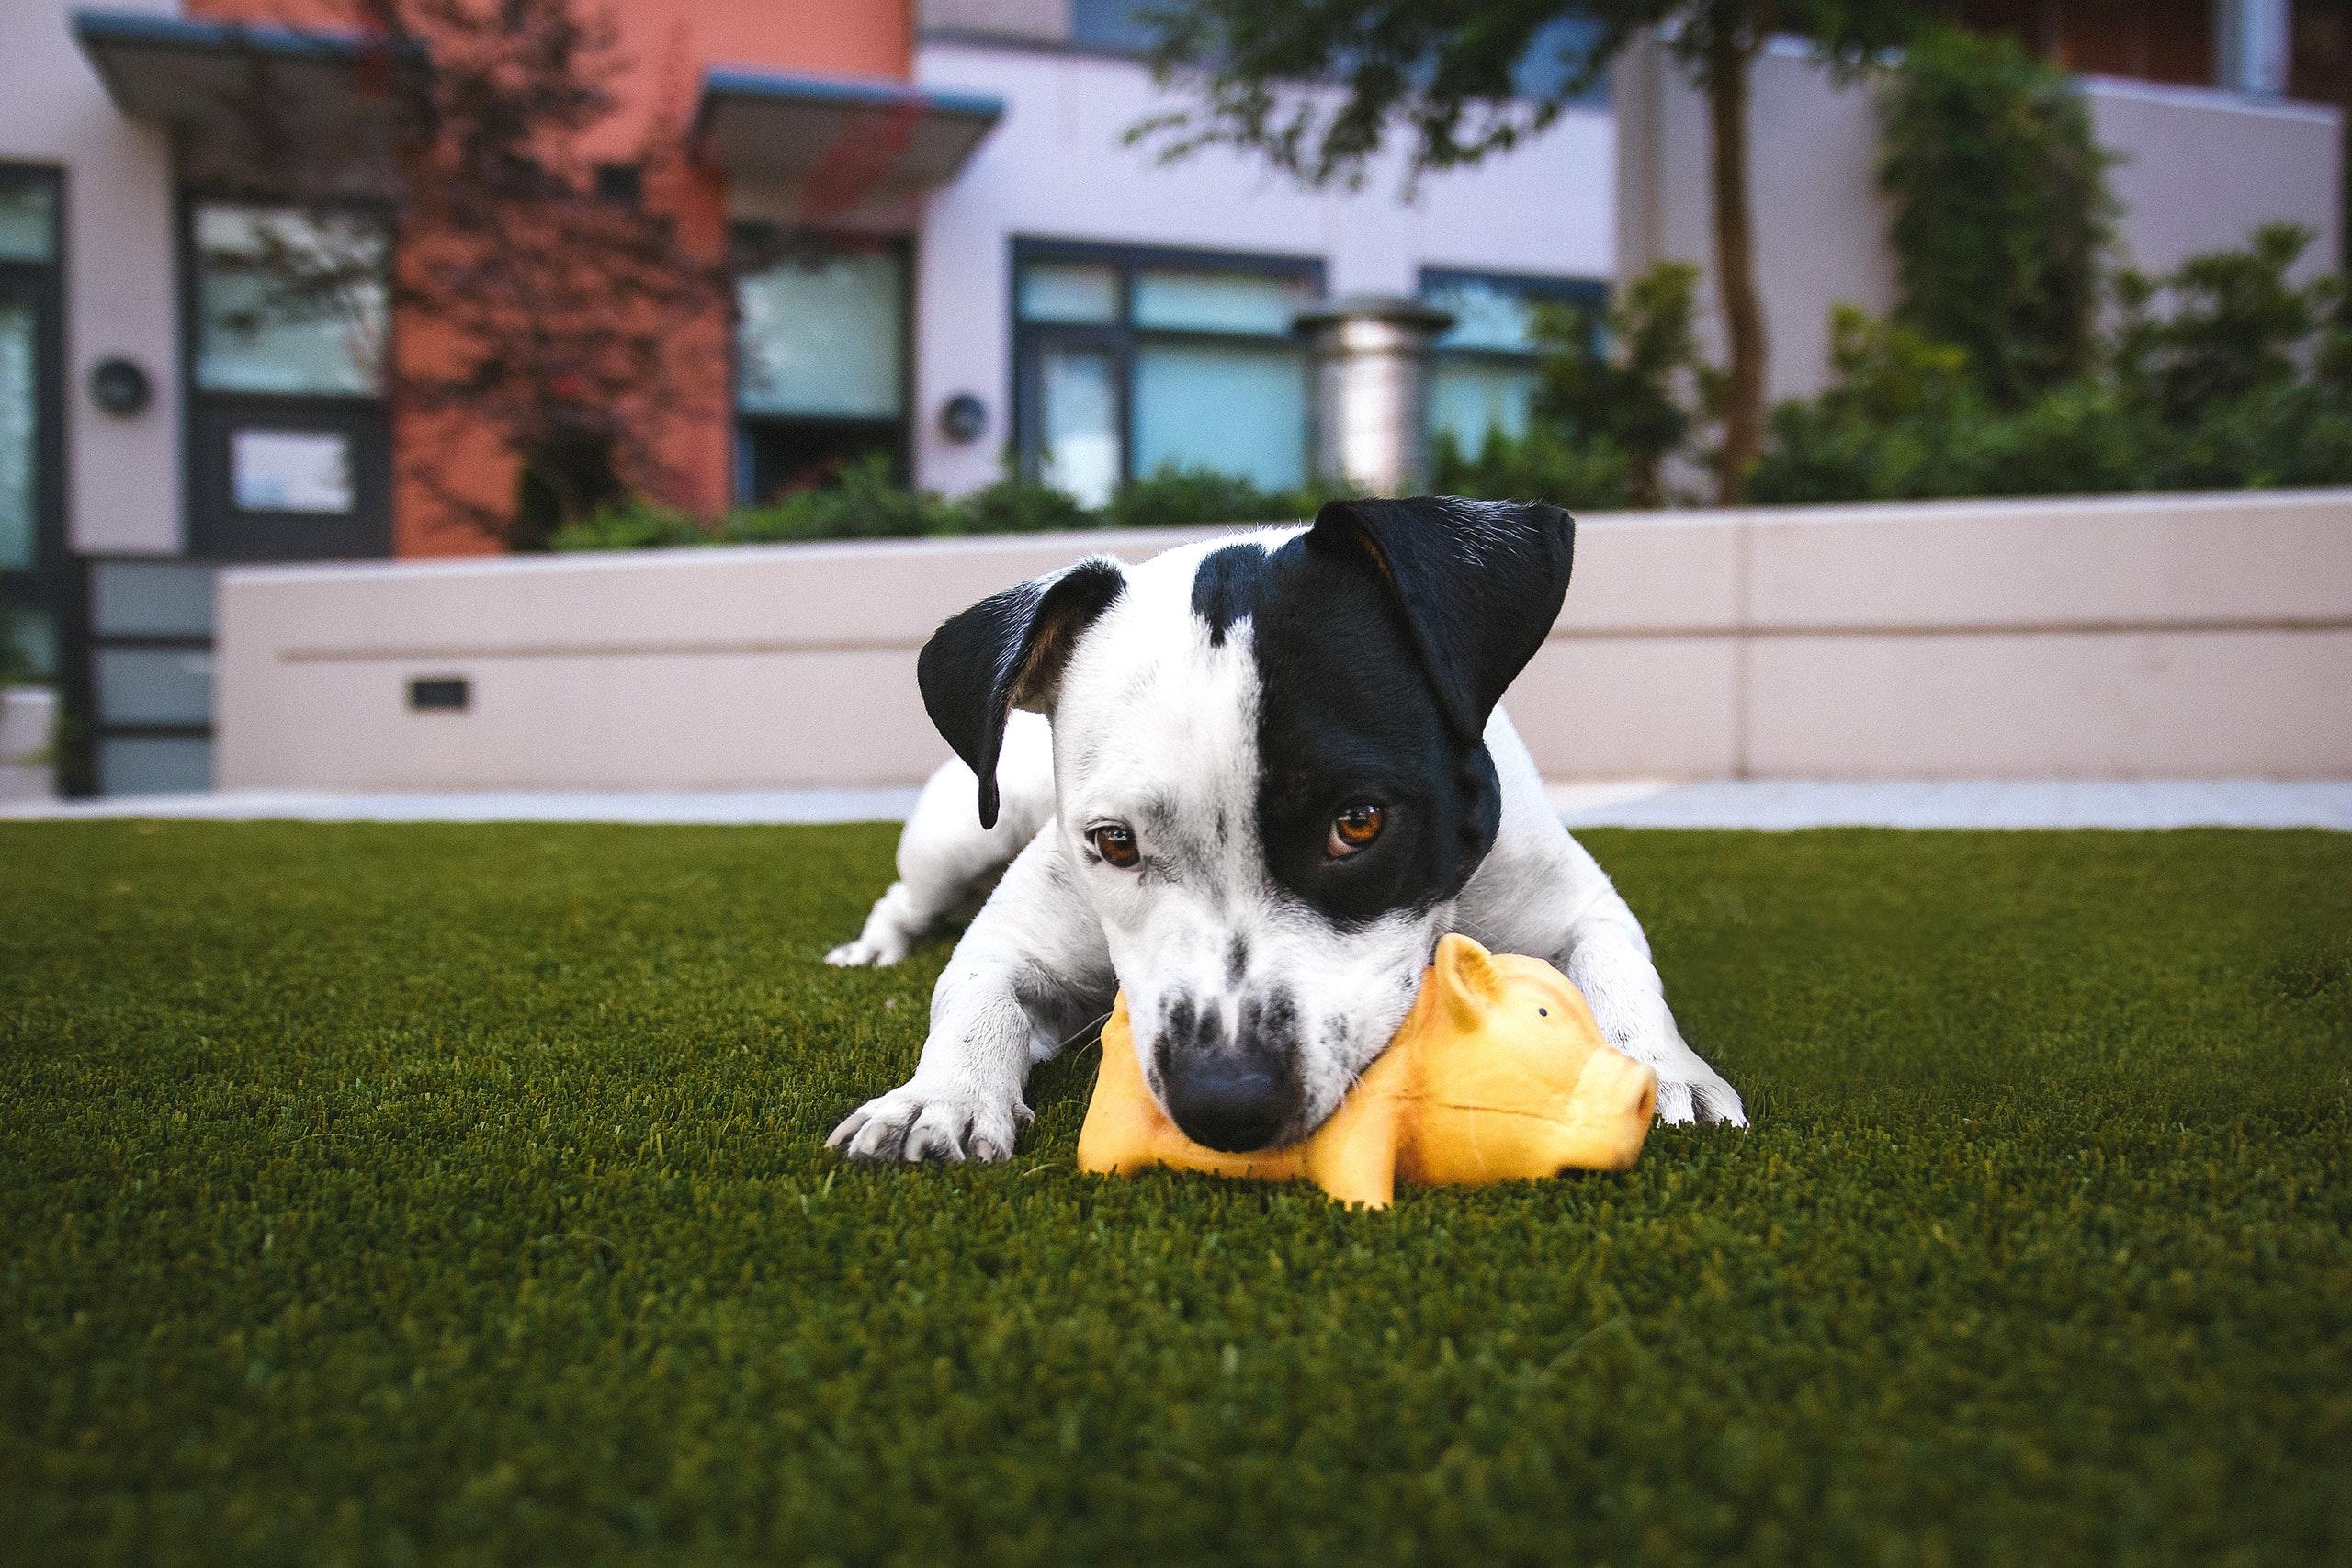 mascota con juguete